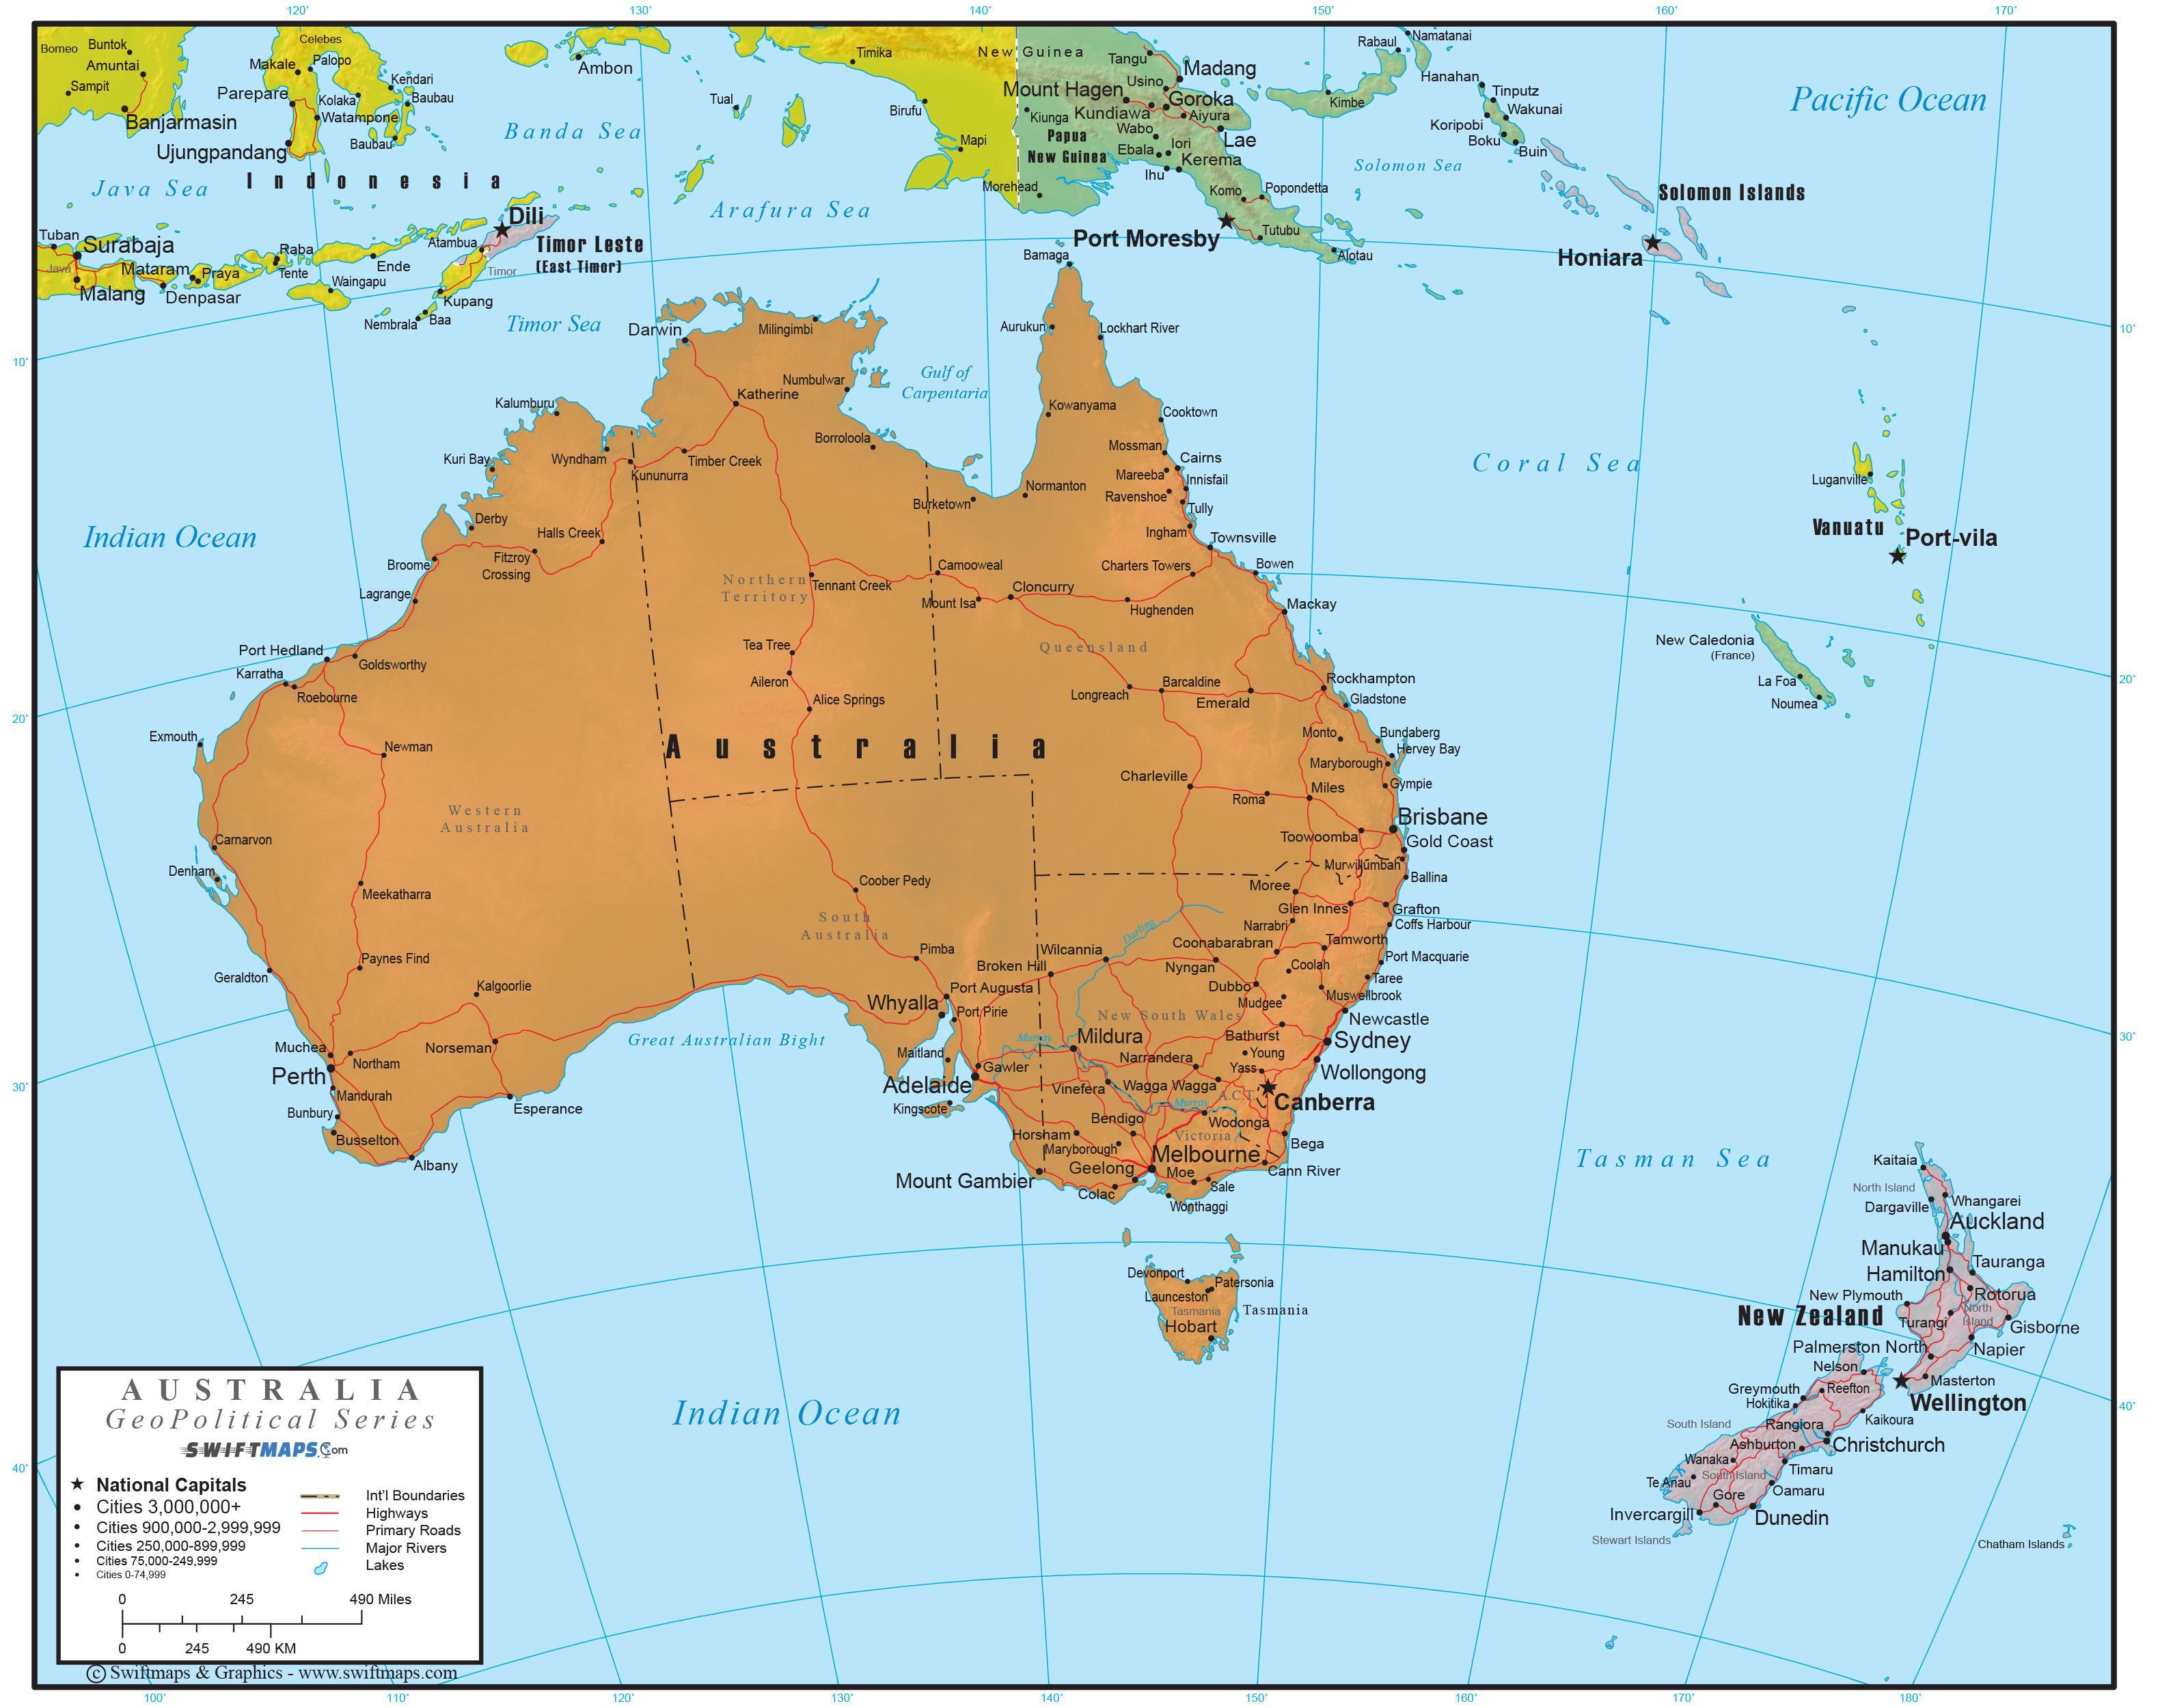 Australien Fullstandig Karta Fullstandig Karta Over Australien